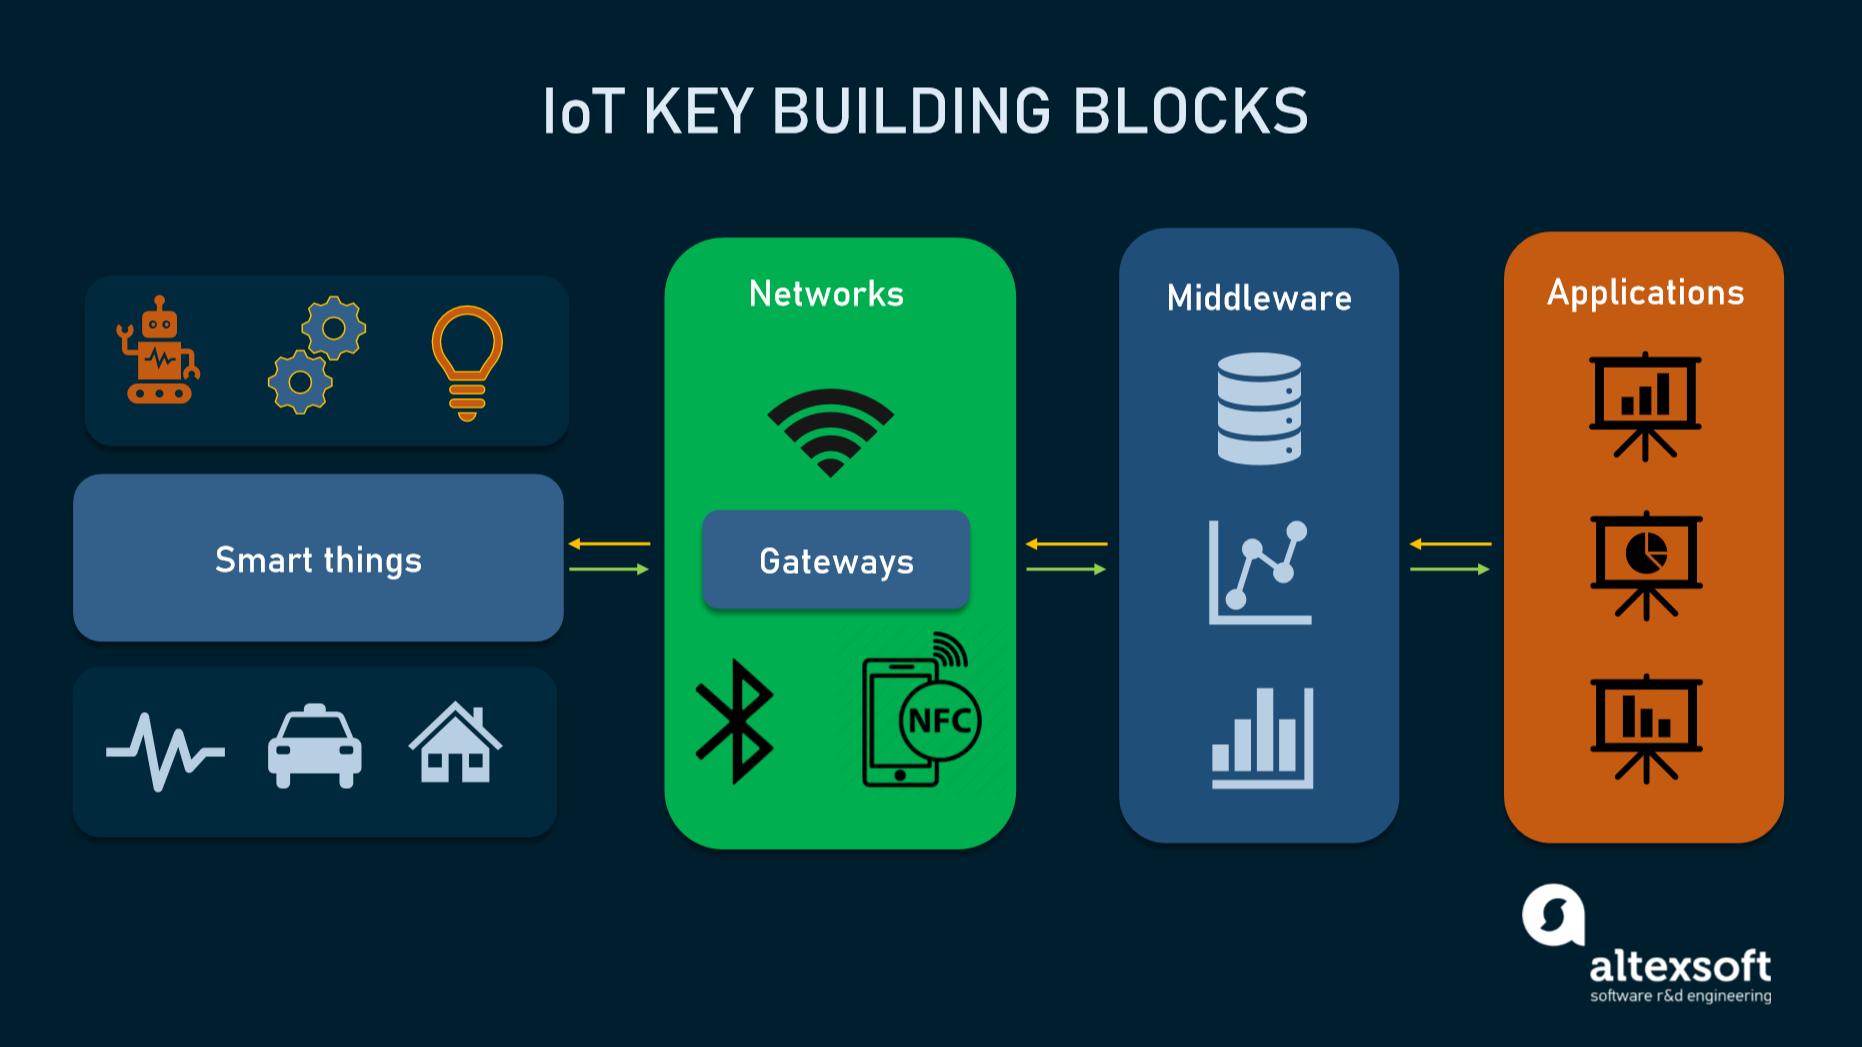 IoT architecture building blocks